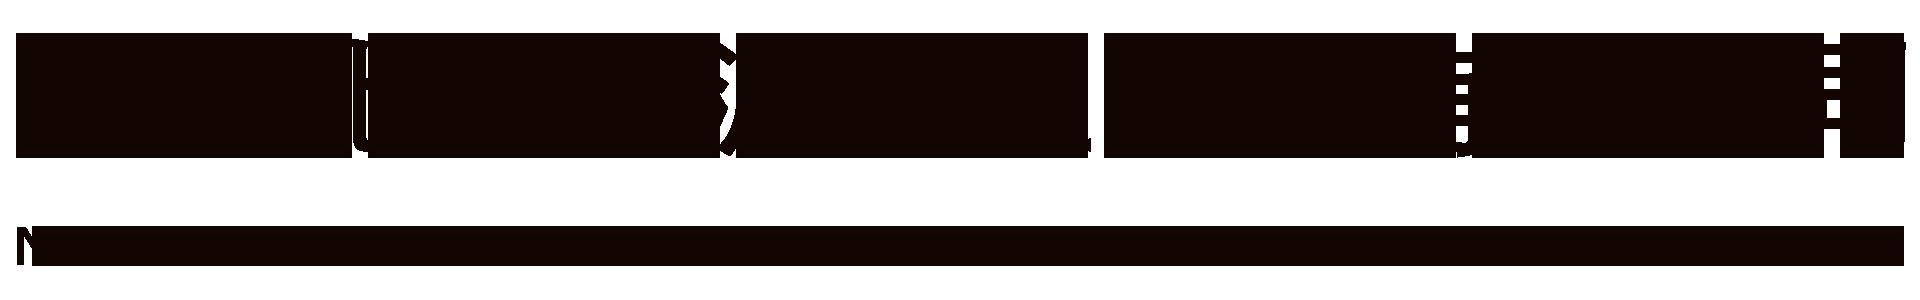 宁夏北方巨源液压工贸有限公司